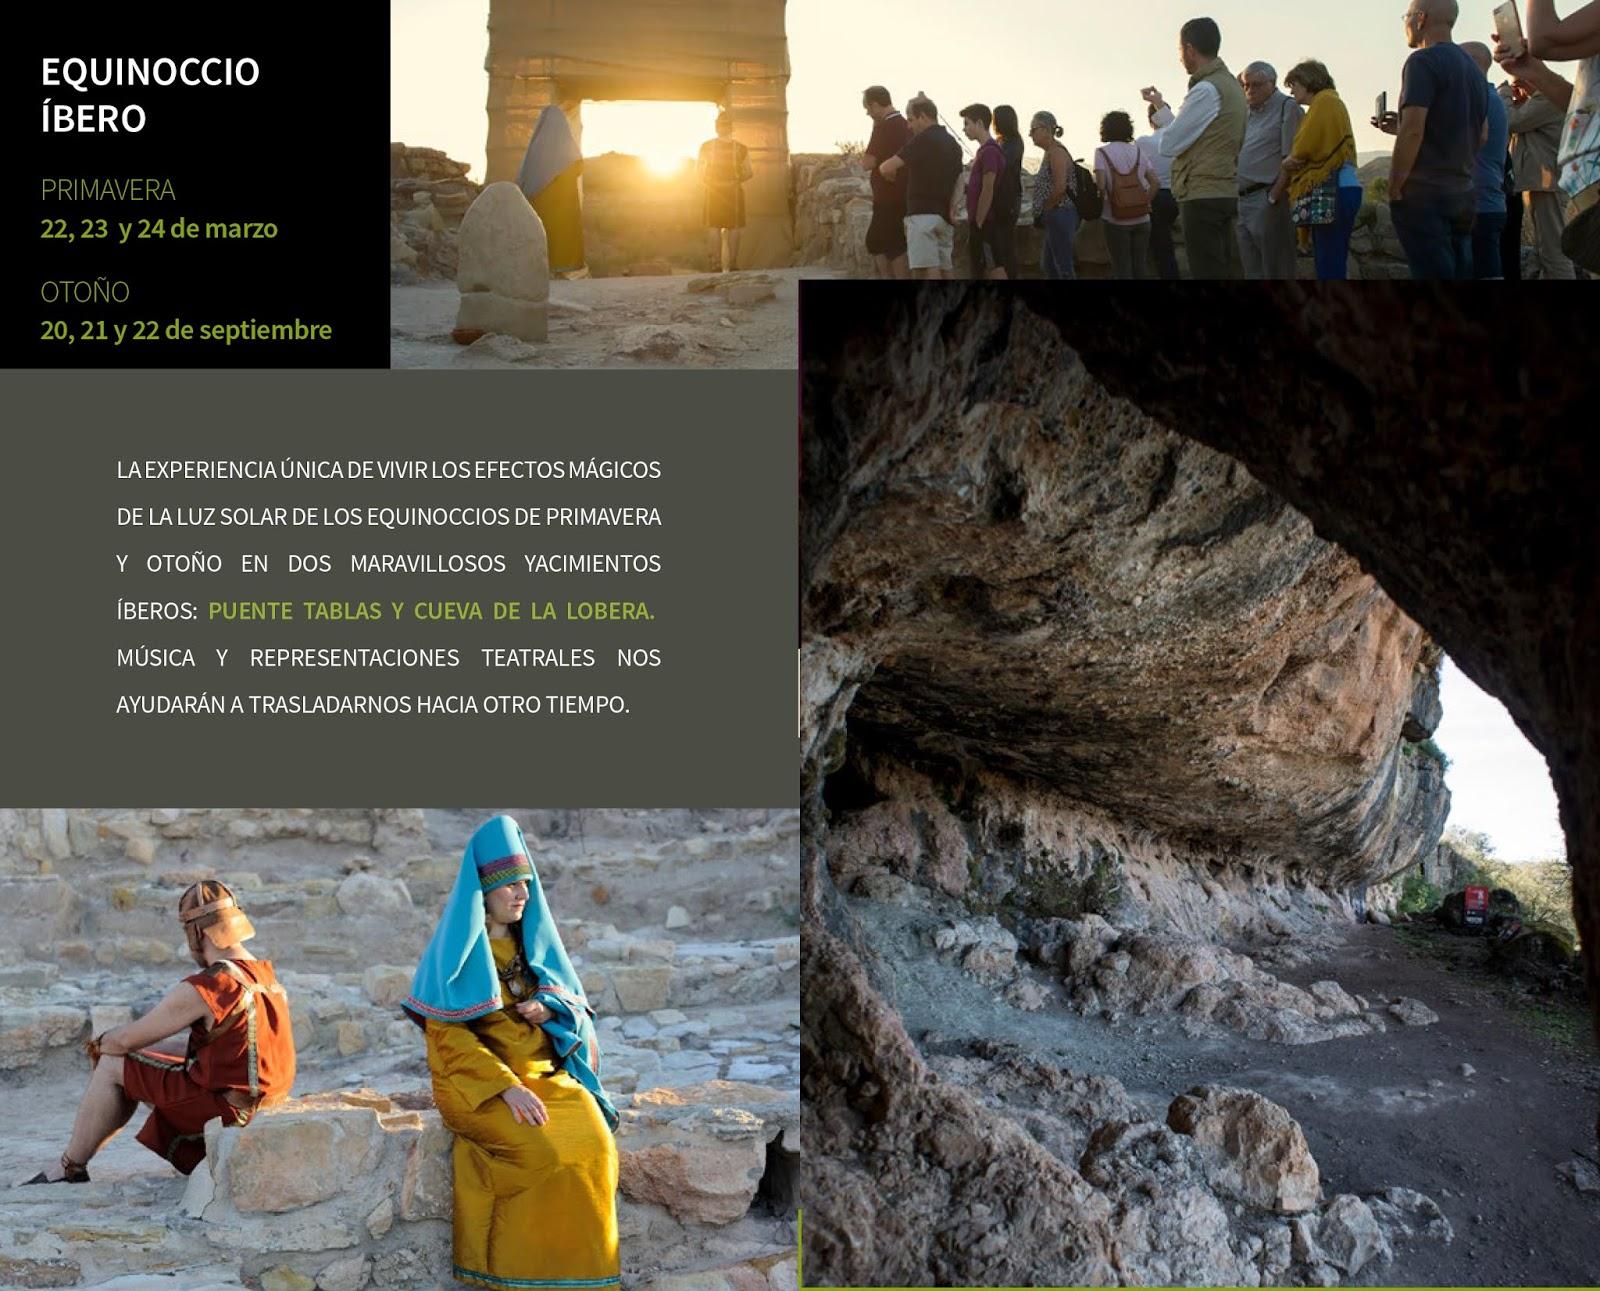 Actividades del programa 'Viaje al Tiempo de los Íberos' para celebrar el equinoccio de primavera.